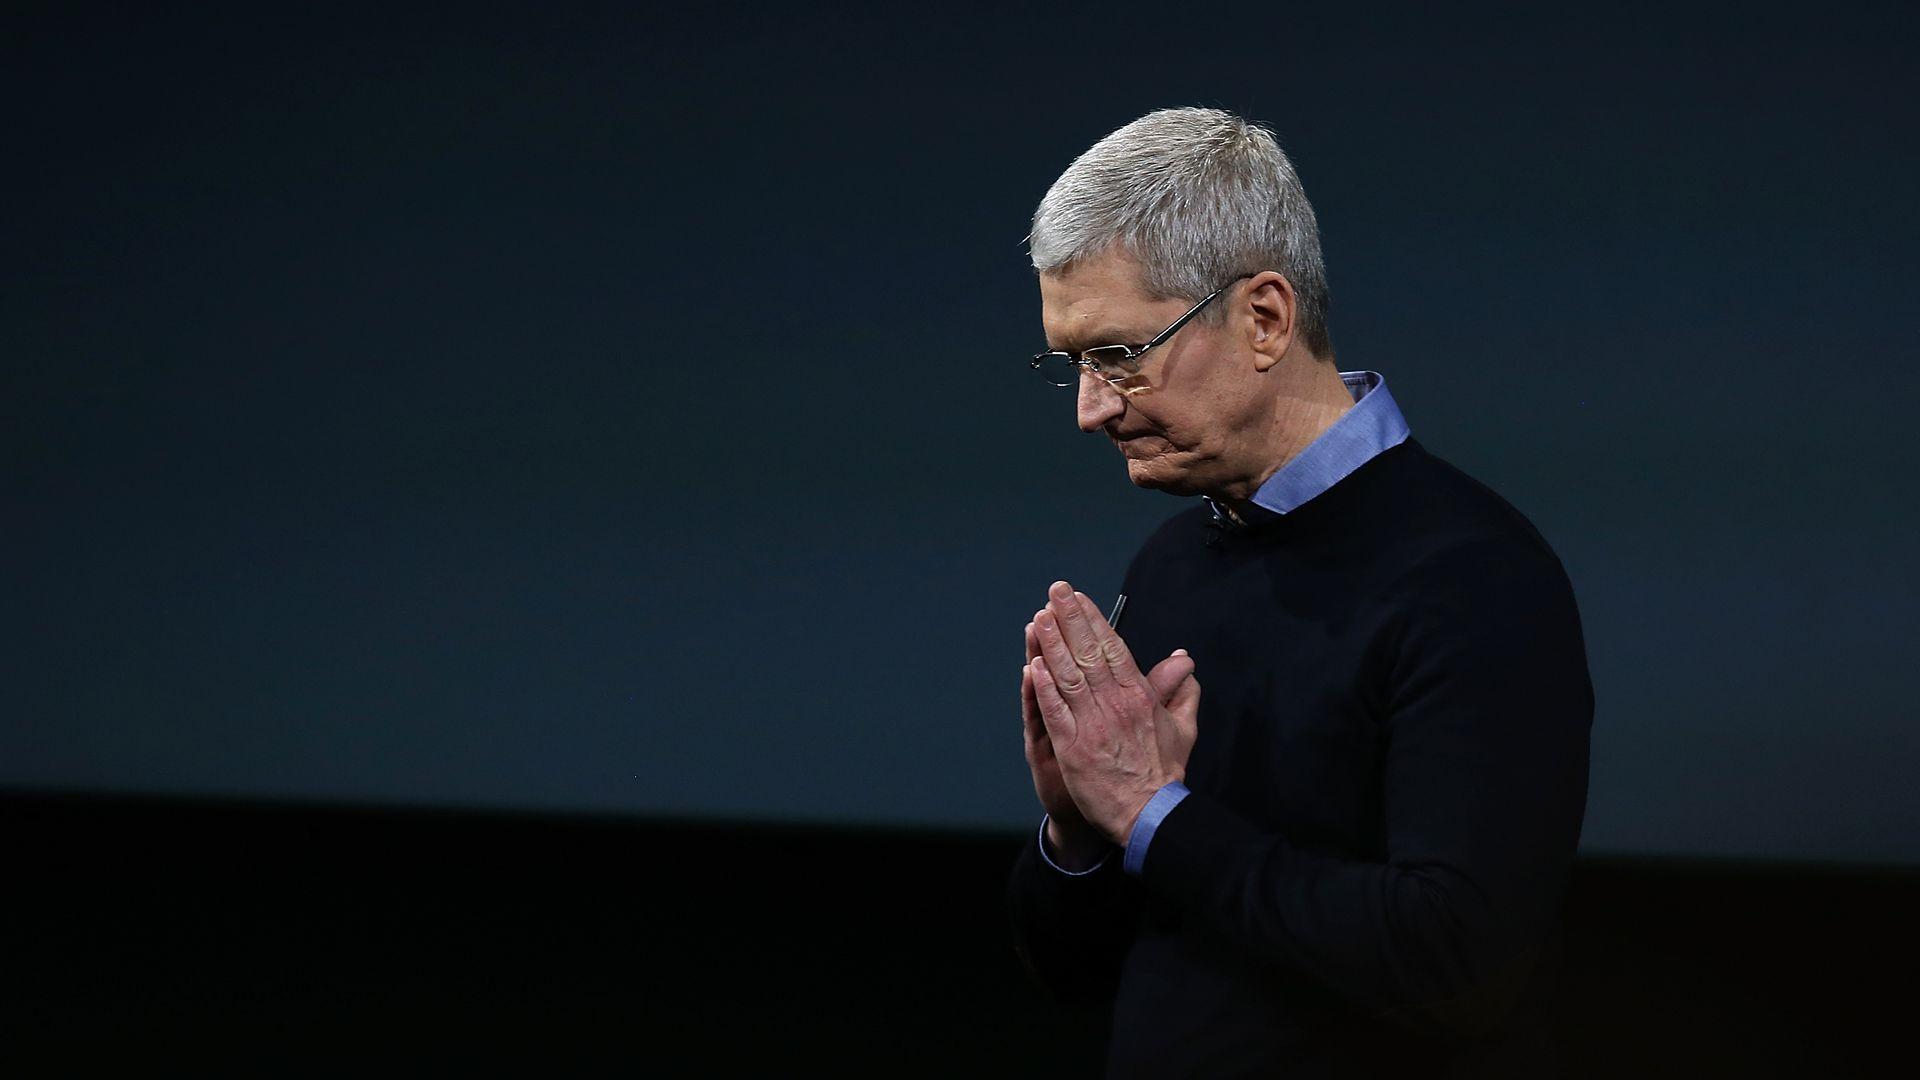 Тим Кук получил вознаграждение в виде акций Apple на $750 млн